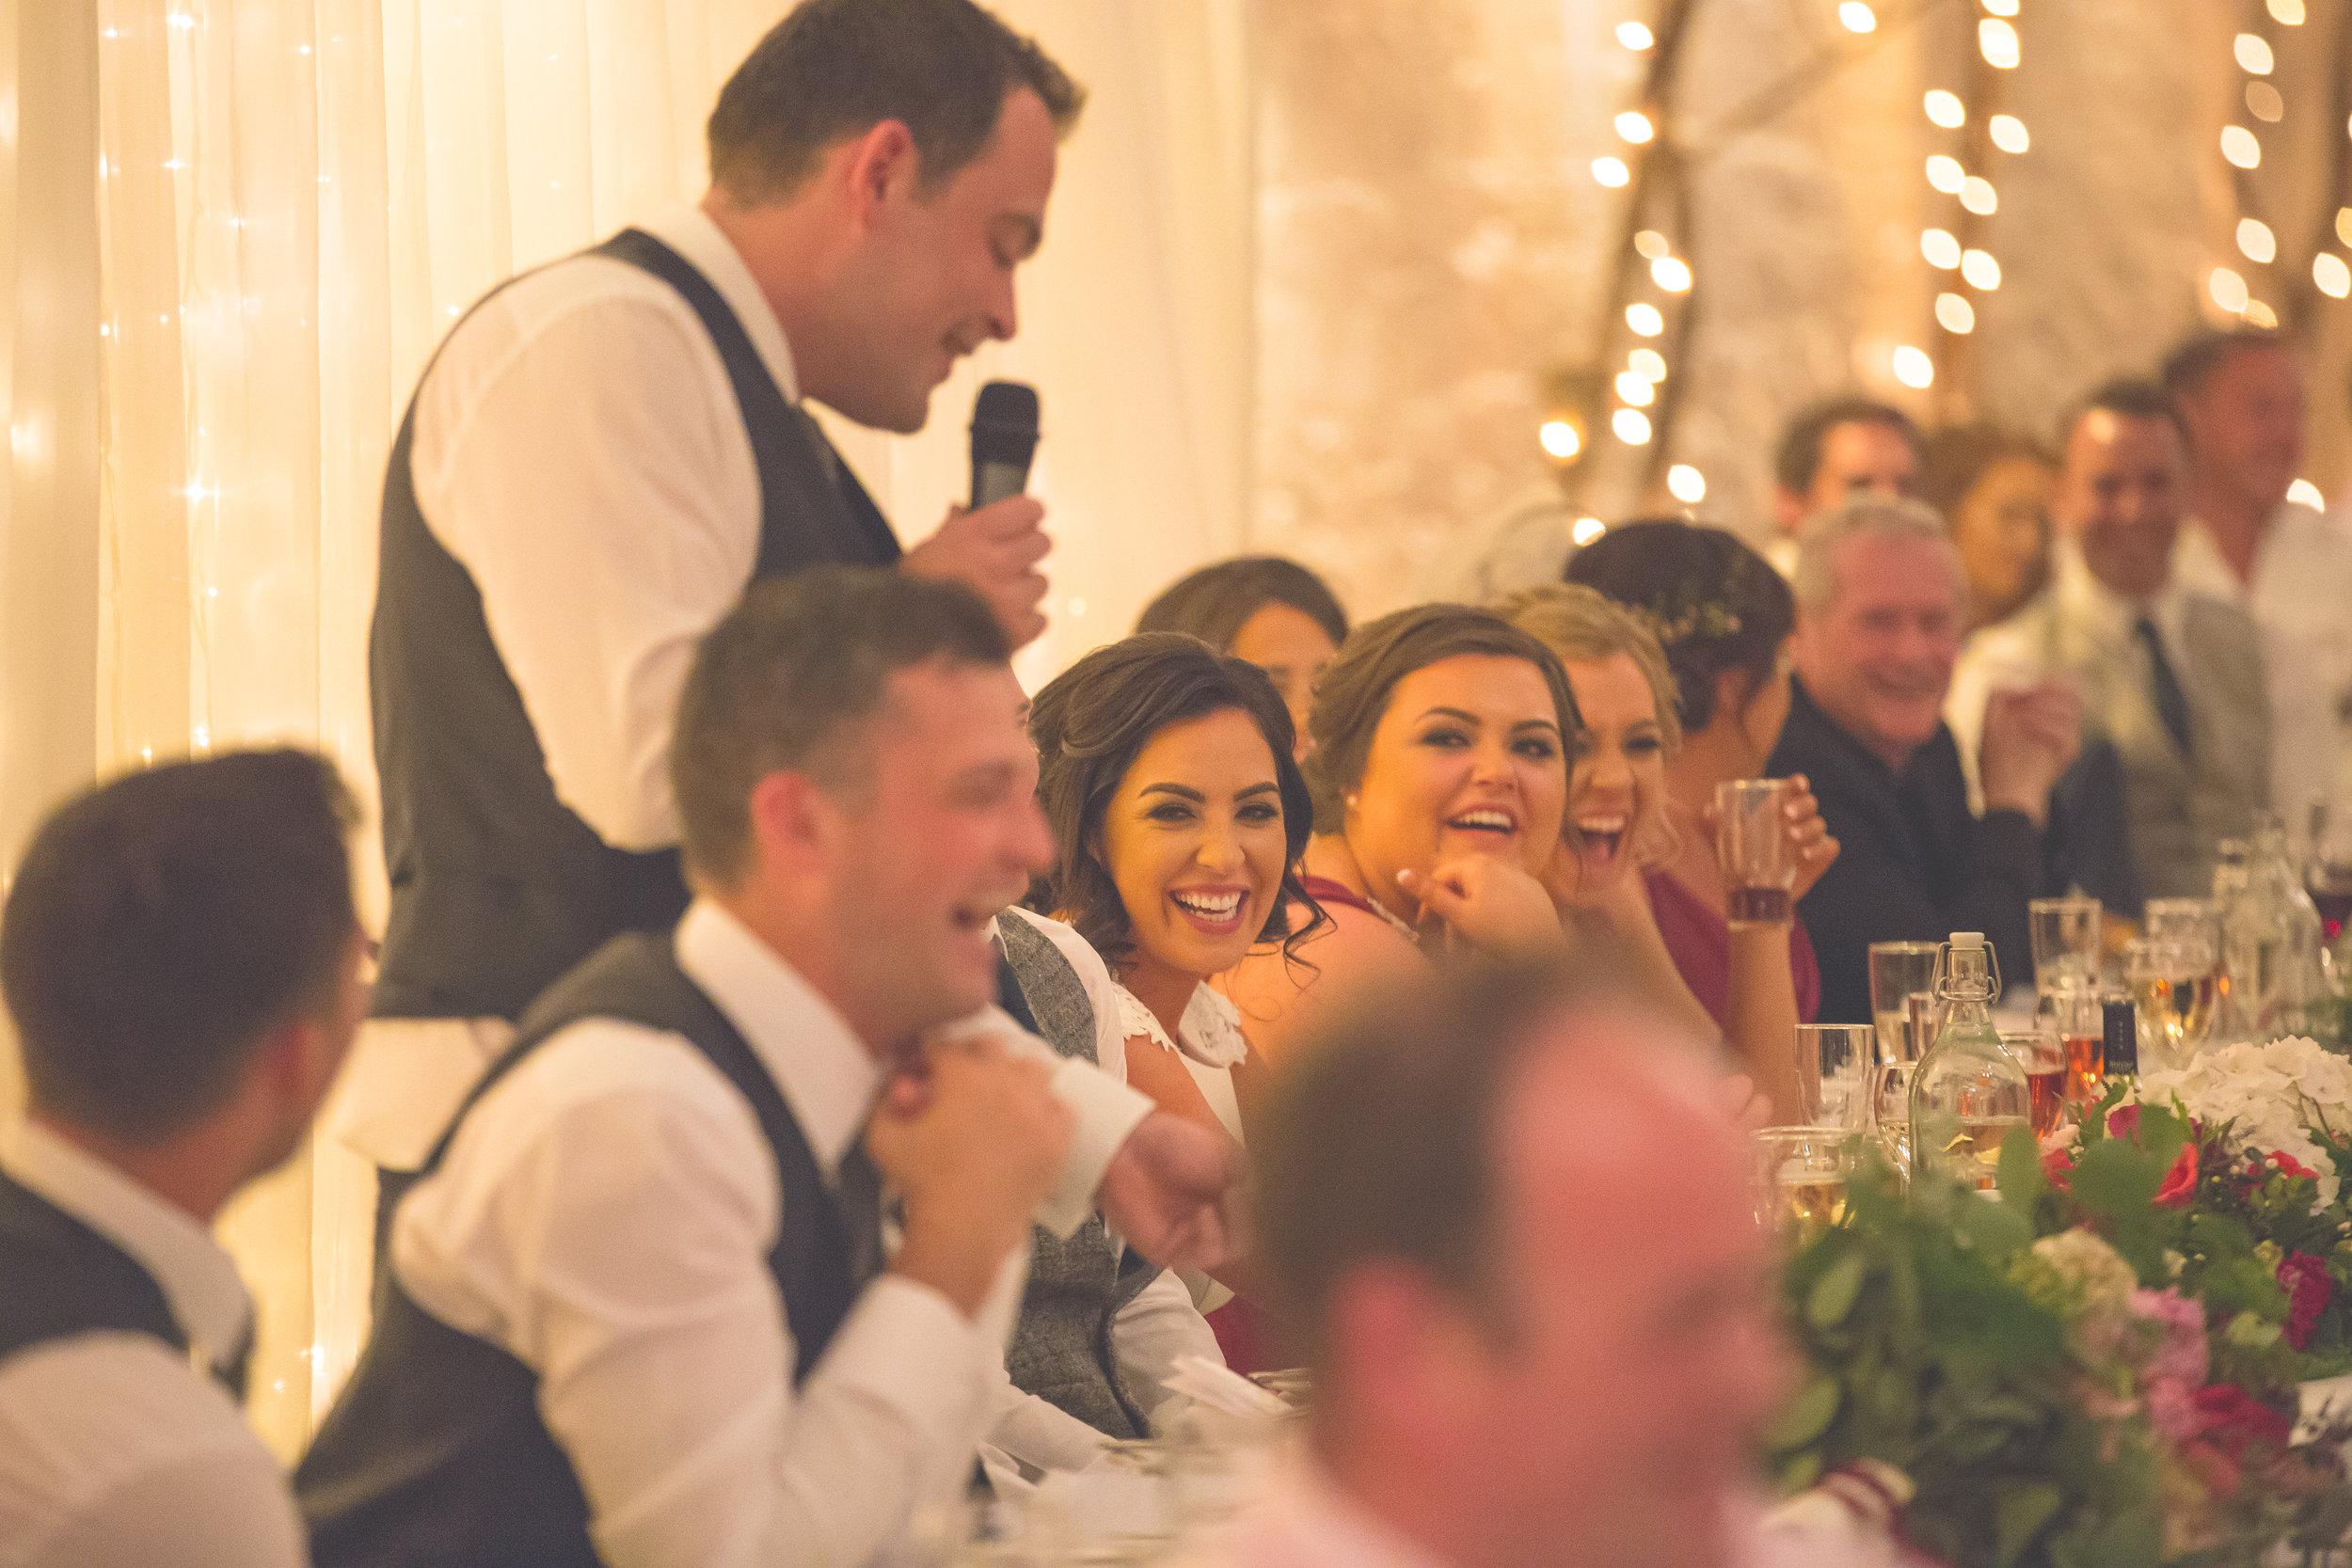 Brian McEwan Wedding Photography | Carol-Anne & Sean | The Speeches-97.jpg